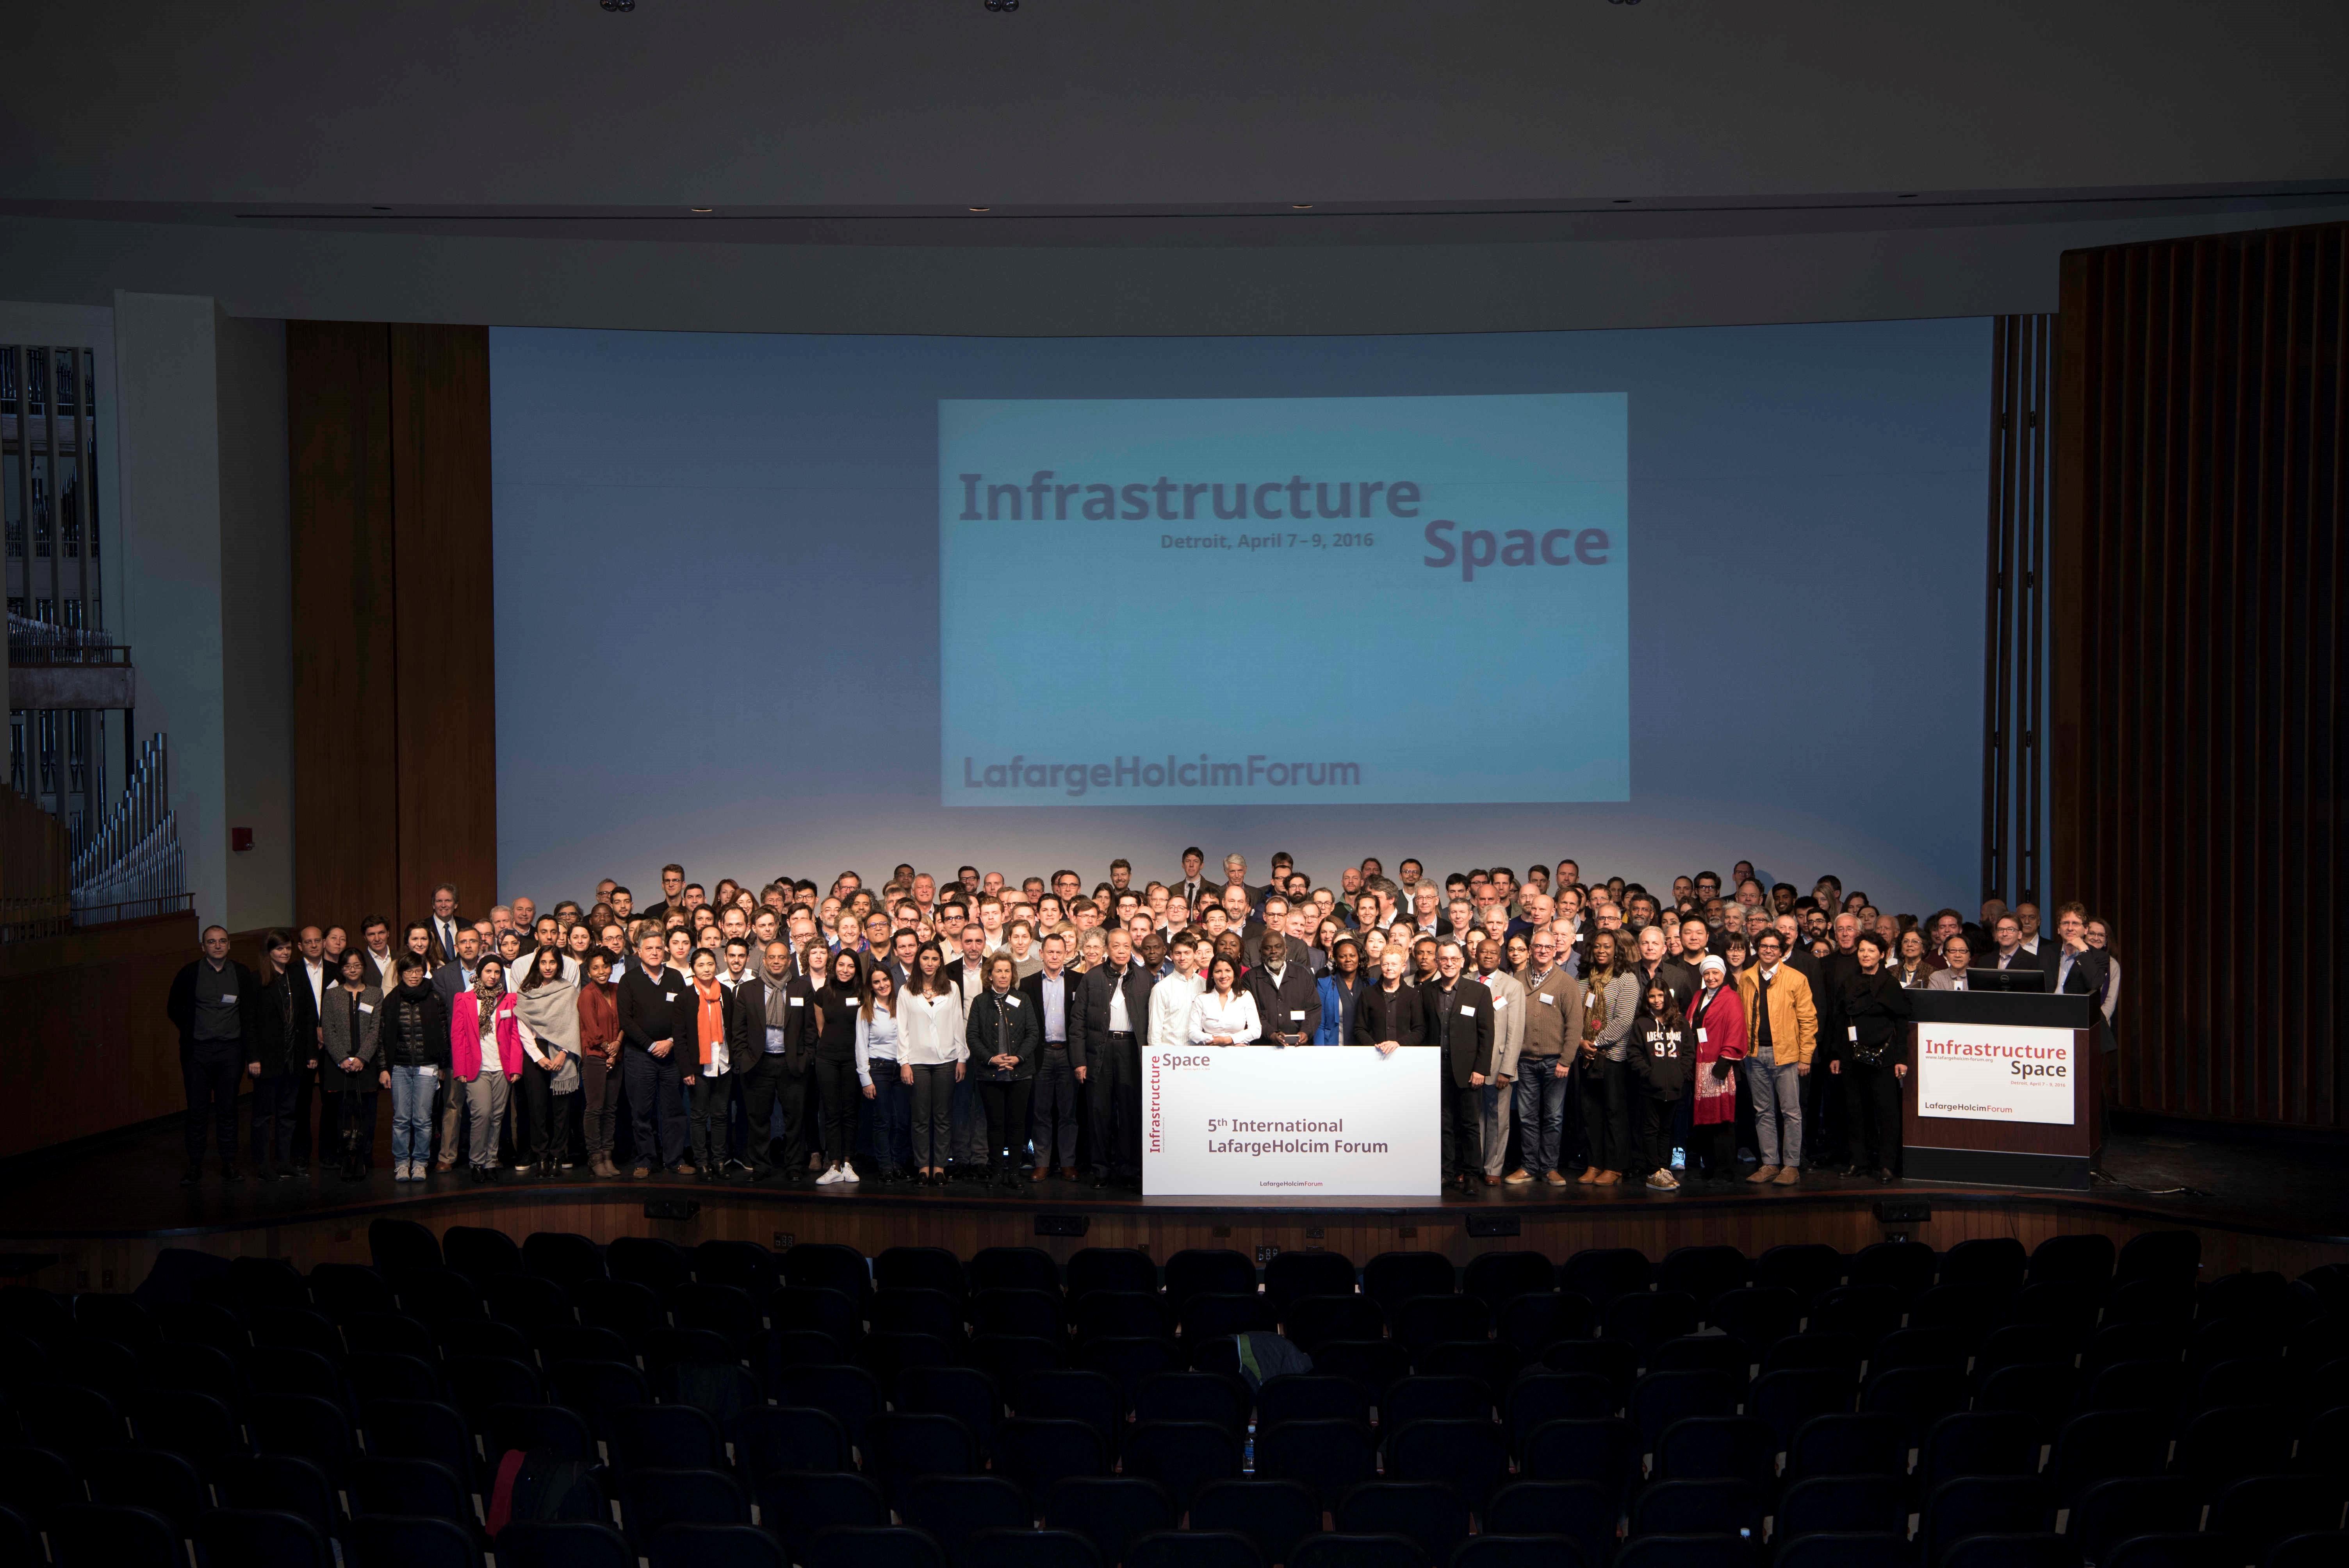 Több mint 300 szakértő vett részt a detroiti 5. LafargeHolcim Fórumon